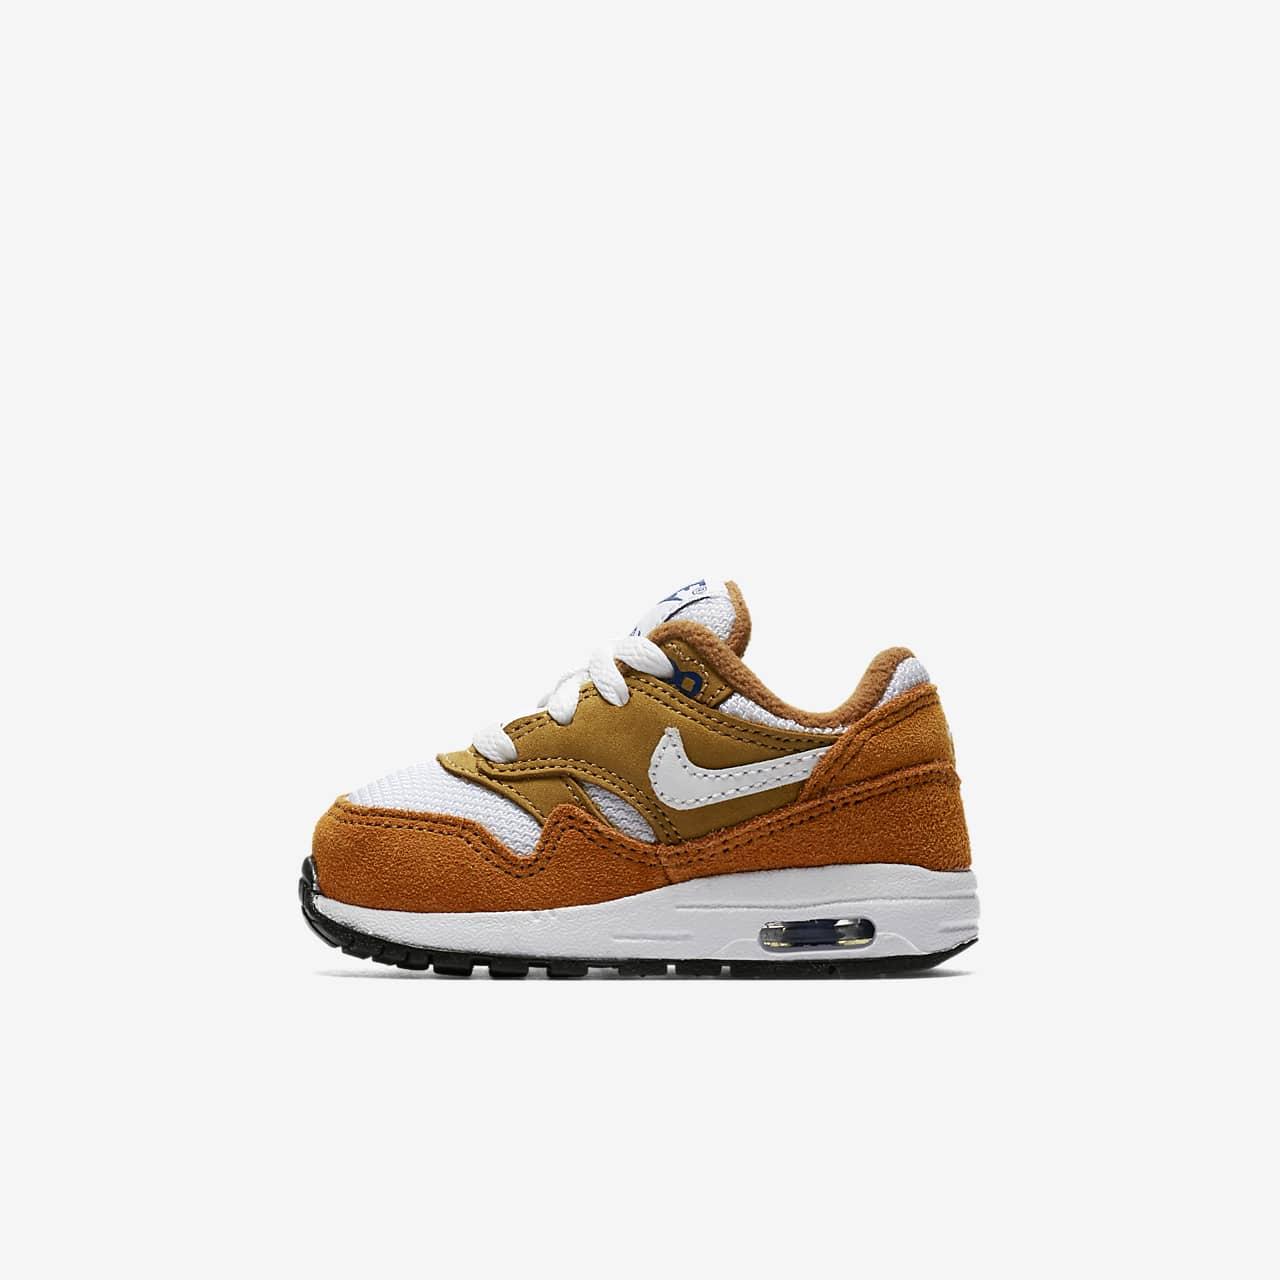 Nike Air Max 1 Premium Retro Baby \u0026amp